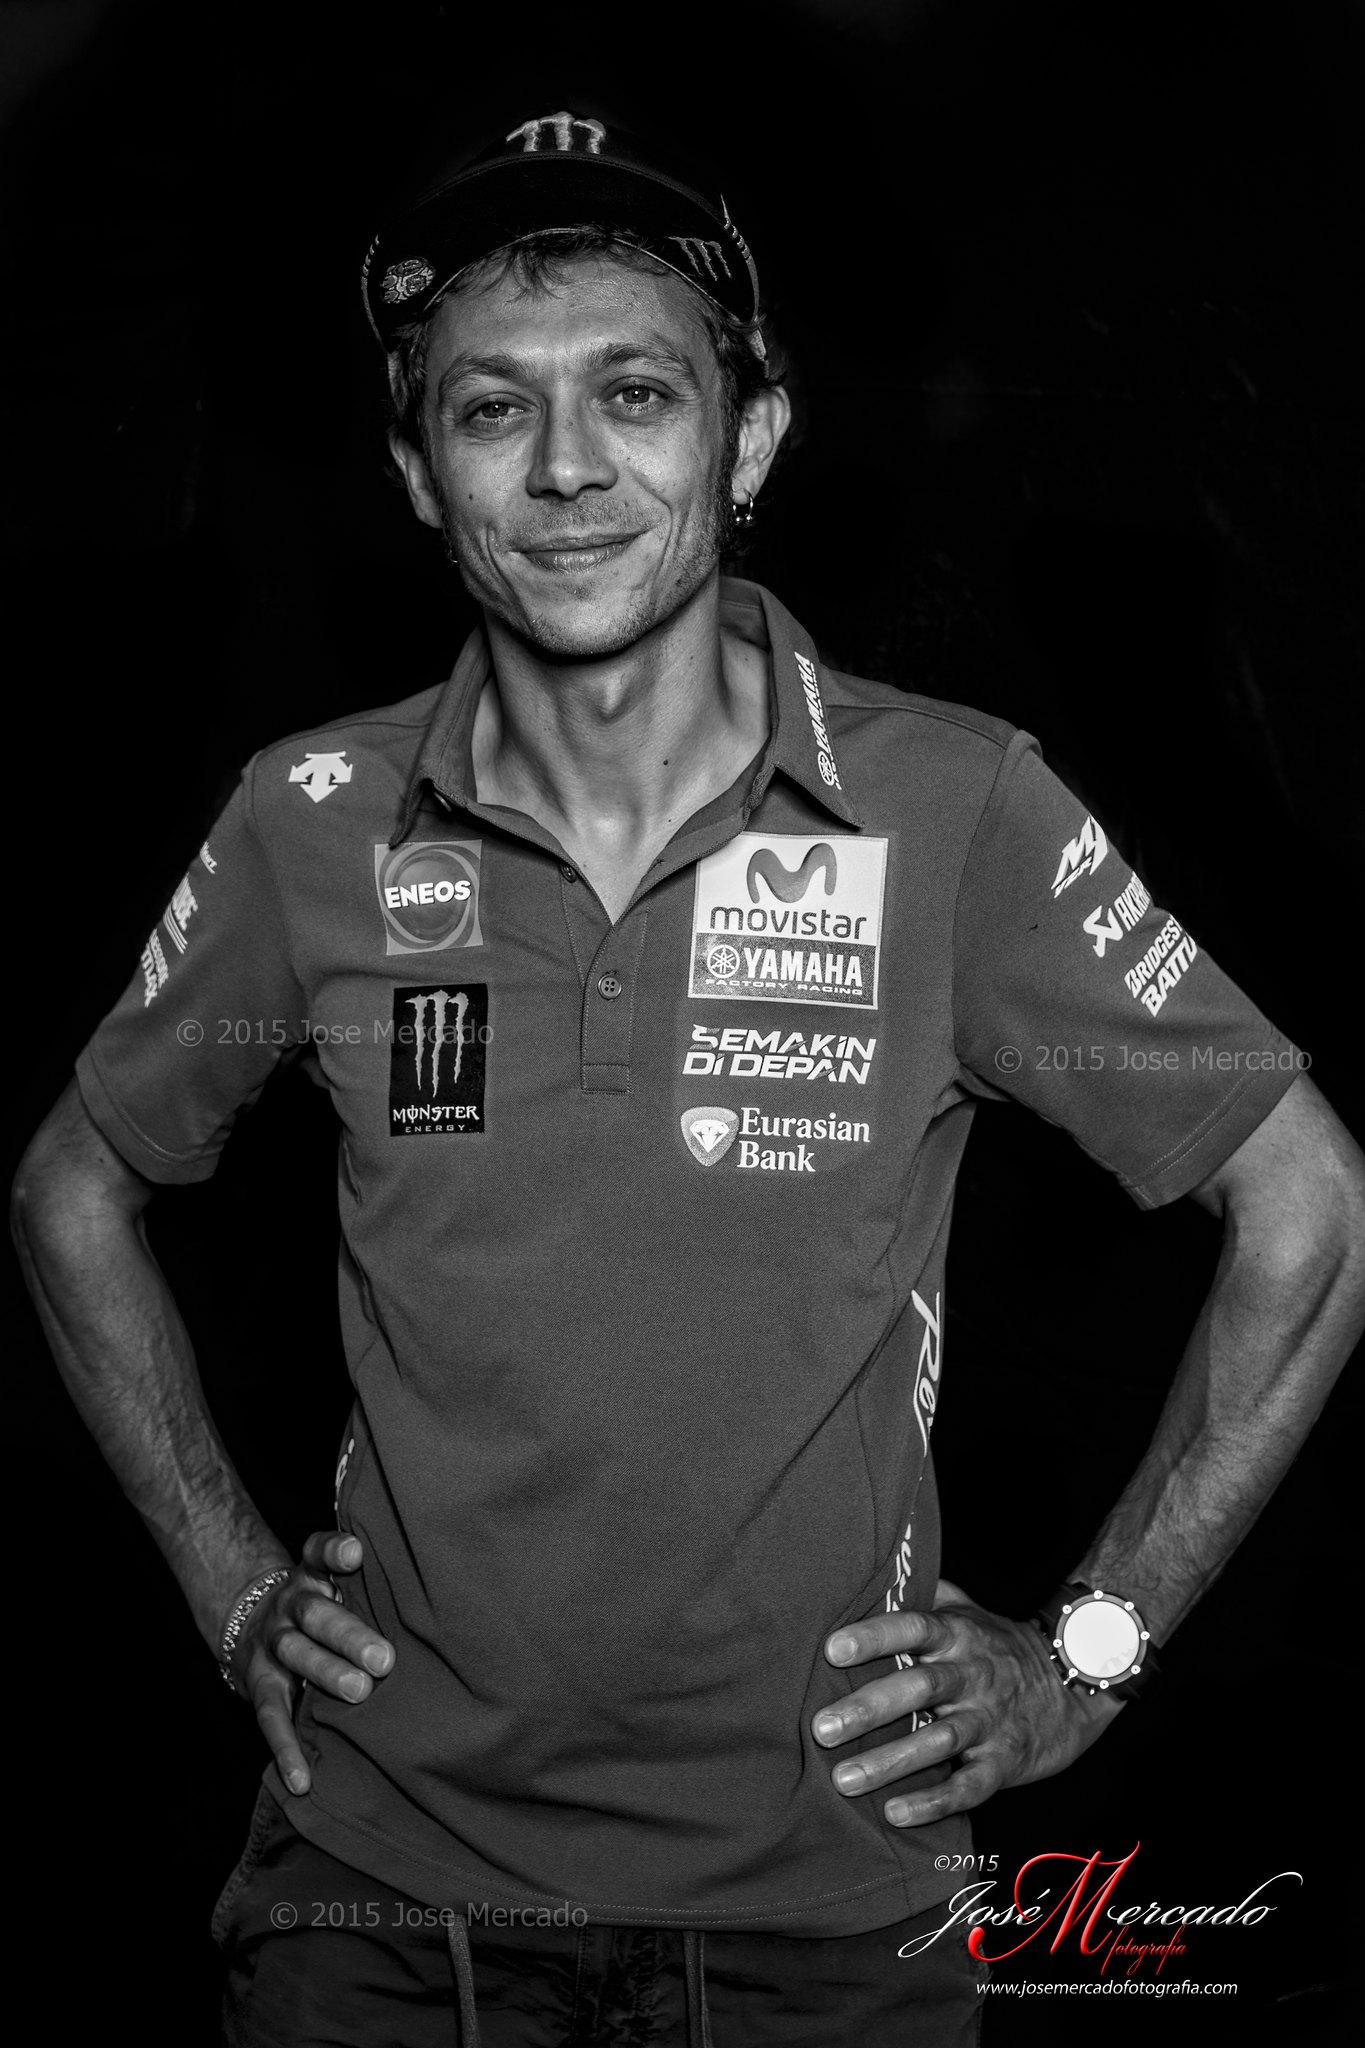 Foto al 7 veces campeón del mundo de #motoGP Valentino Rossi. Con mi #Sony #A99 y mi equipo de iluminación #Profoto #B1 Asistente Ramón Casamayor. Circuit de Catalunya.